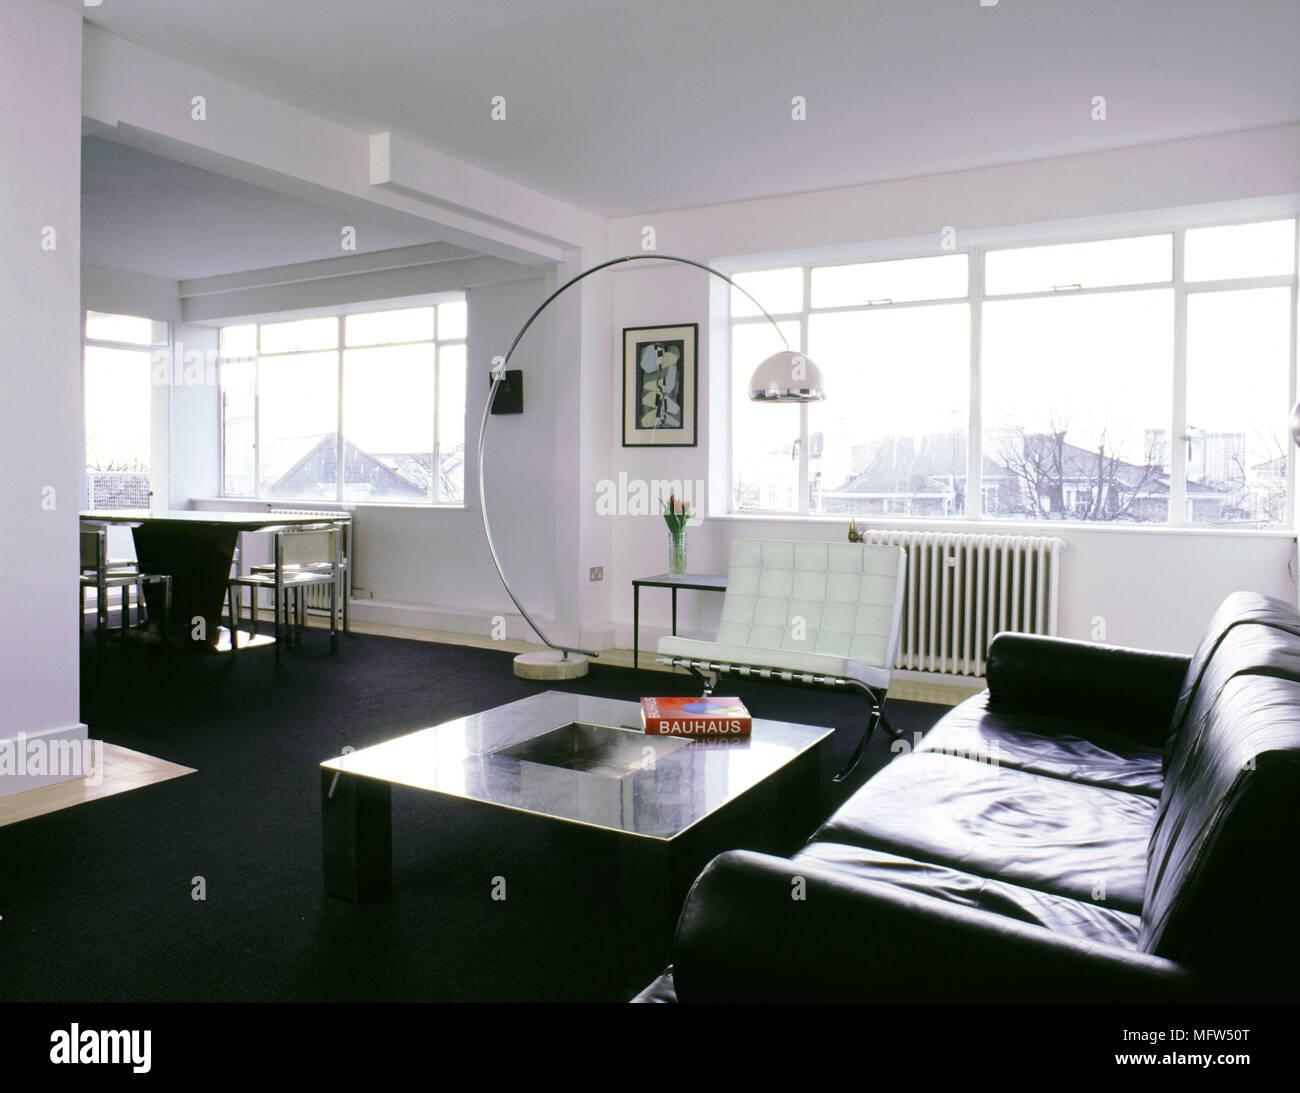 Lampe Salon Salle À Manger salon ouvert avec modernes tapis noir table de salle à